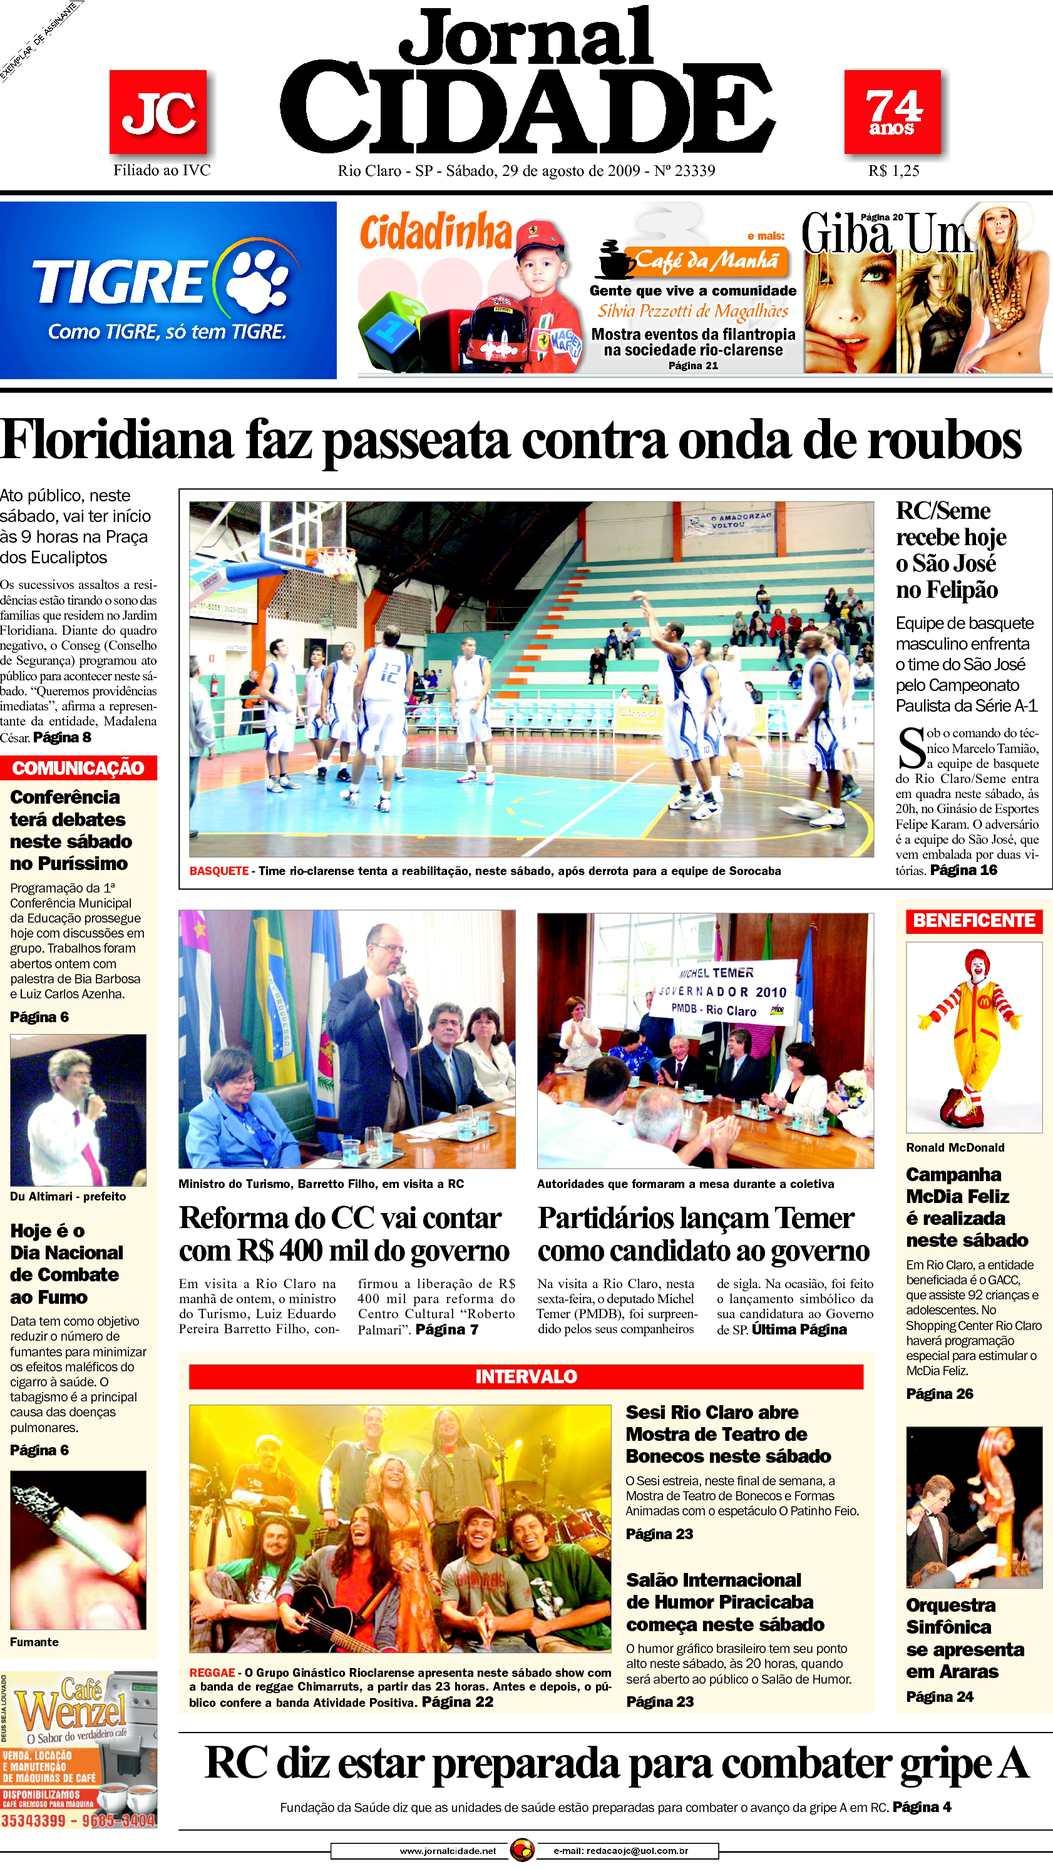 Calaméo - Jornal Cidade de Rio Claro - 29 08 2009 8ffc010ba4